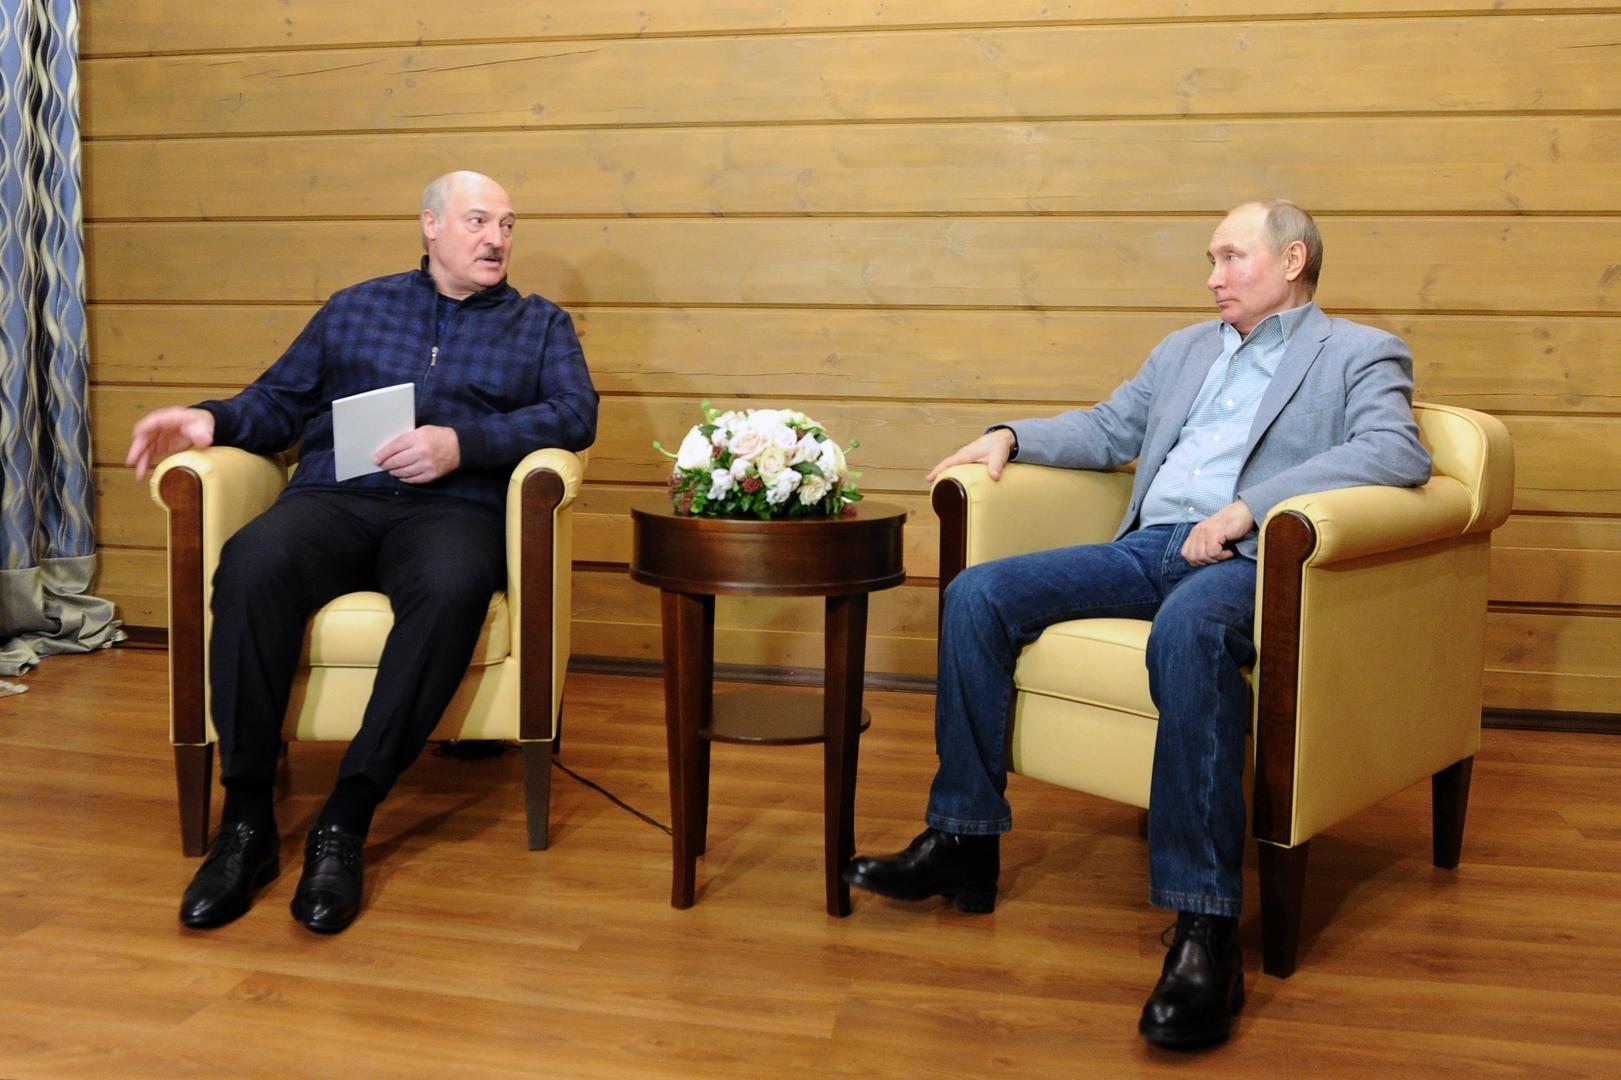 الرئيسان الروسي فلاديمير بوتين والبيلاروسي ألكسندر لوكاشينكوف، سوتشي، روسيا، 22 فبراير 2021